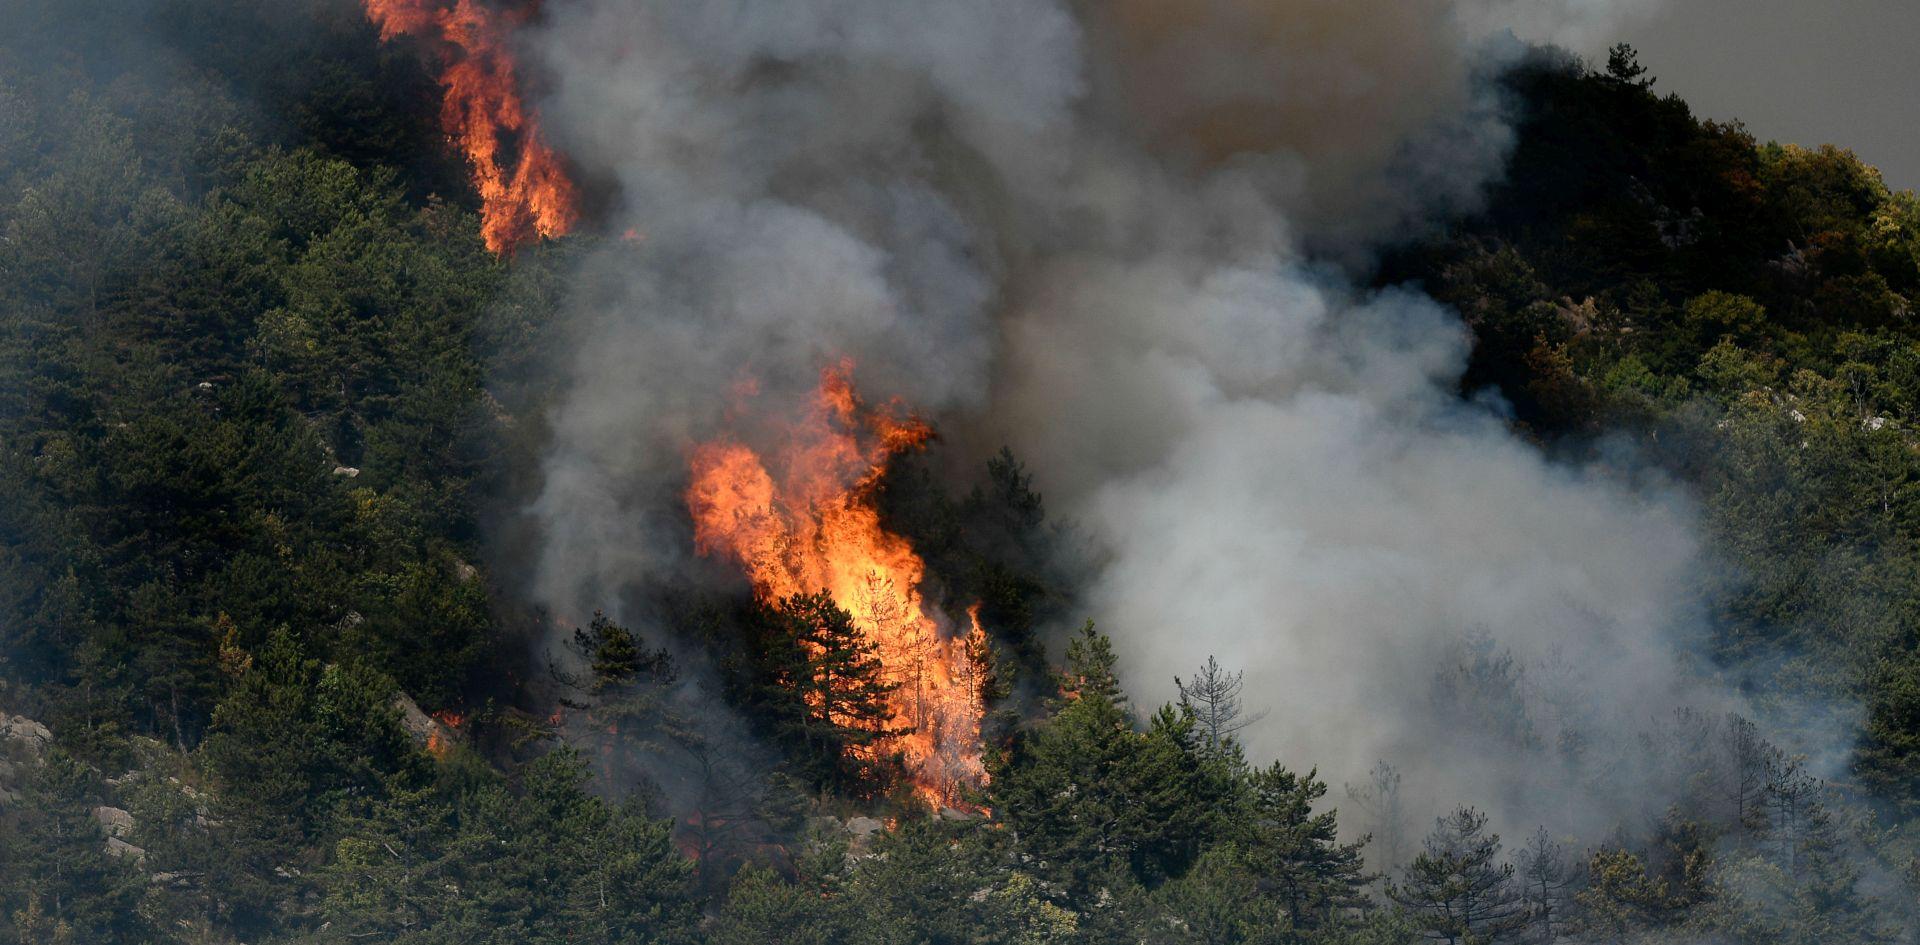 IZGORJELO 30 HEKTARA BOROVE ŠUME Požar kod Muća još aktivan